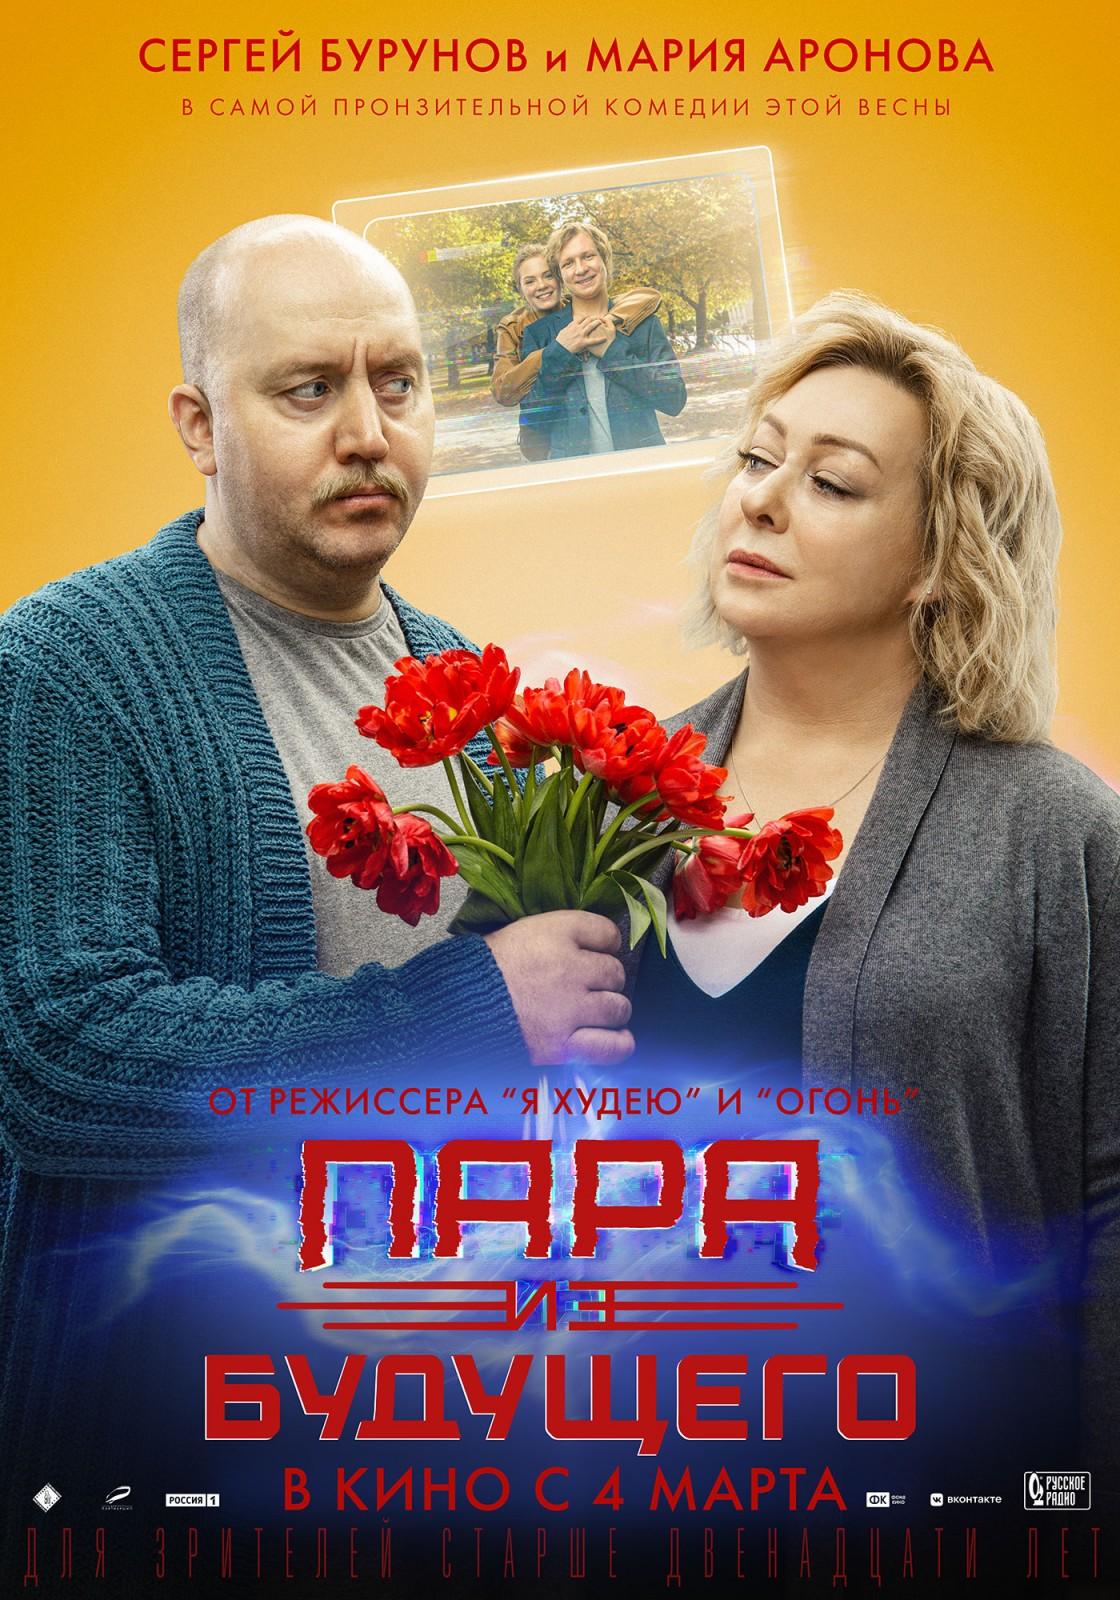 В кинотеатрах страны стартовал показ нового фильма Алексея Нужного «Пара из будущего»